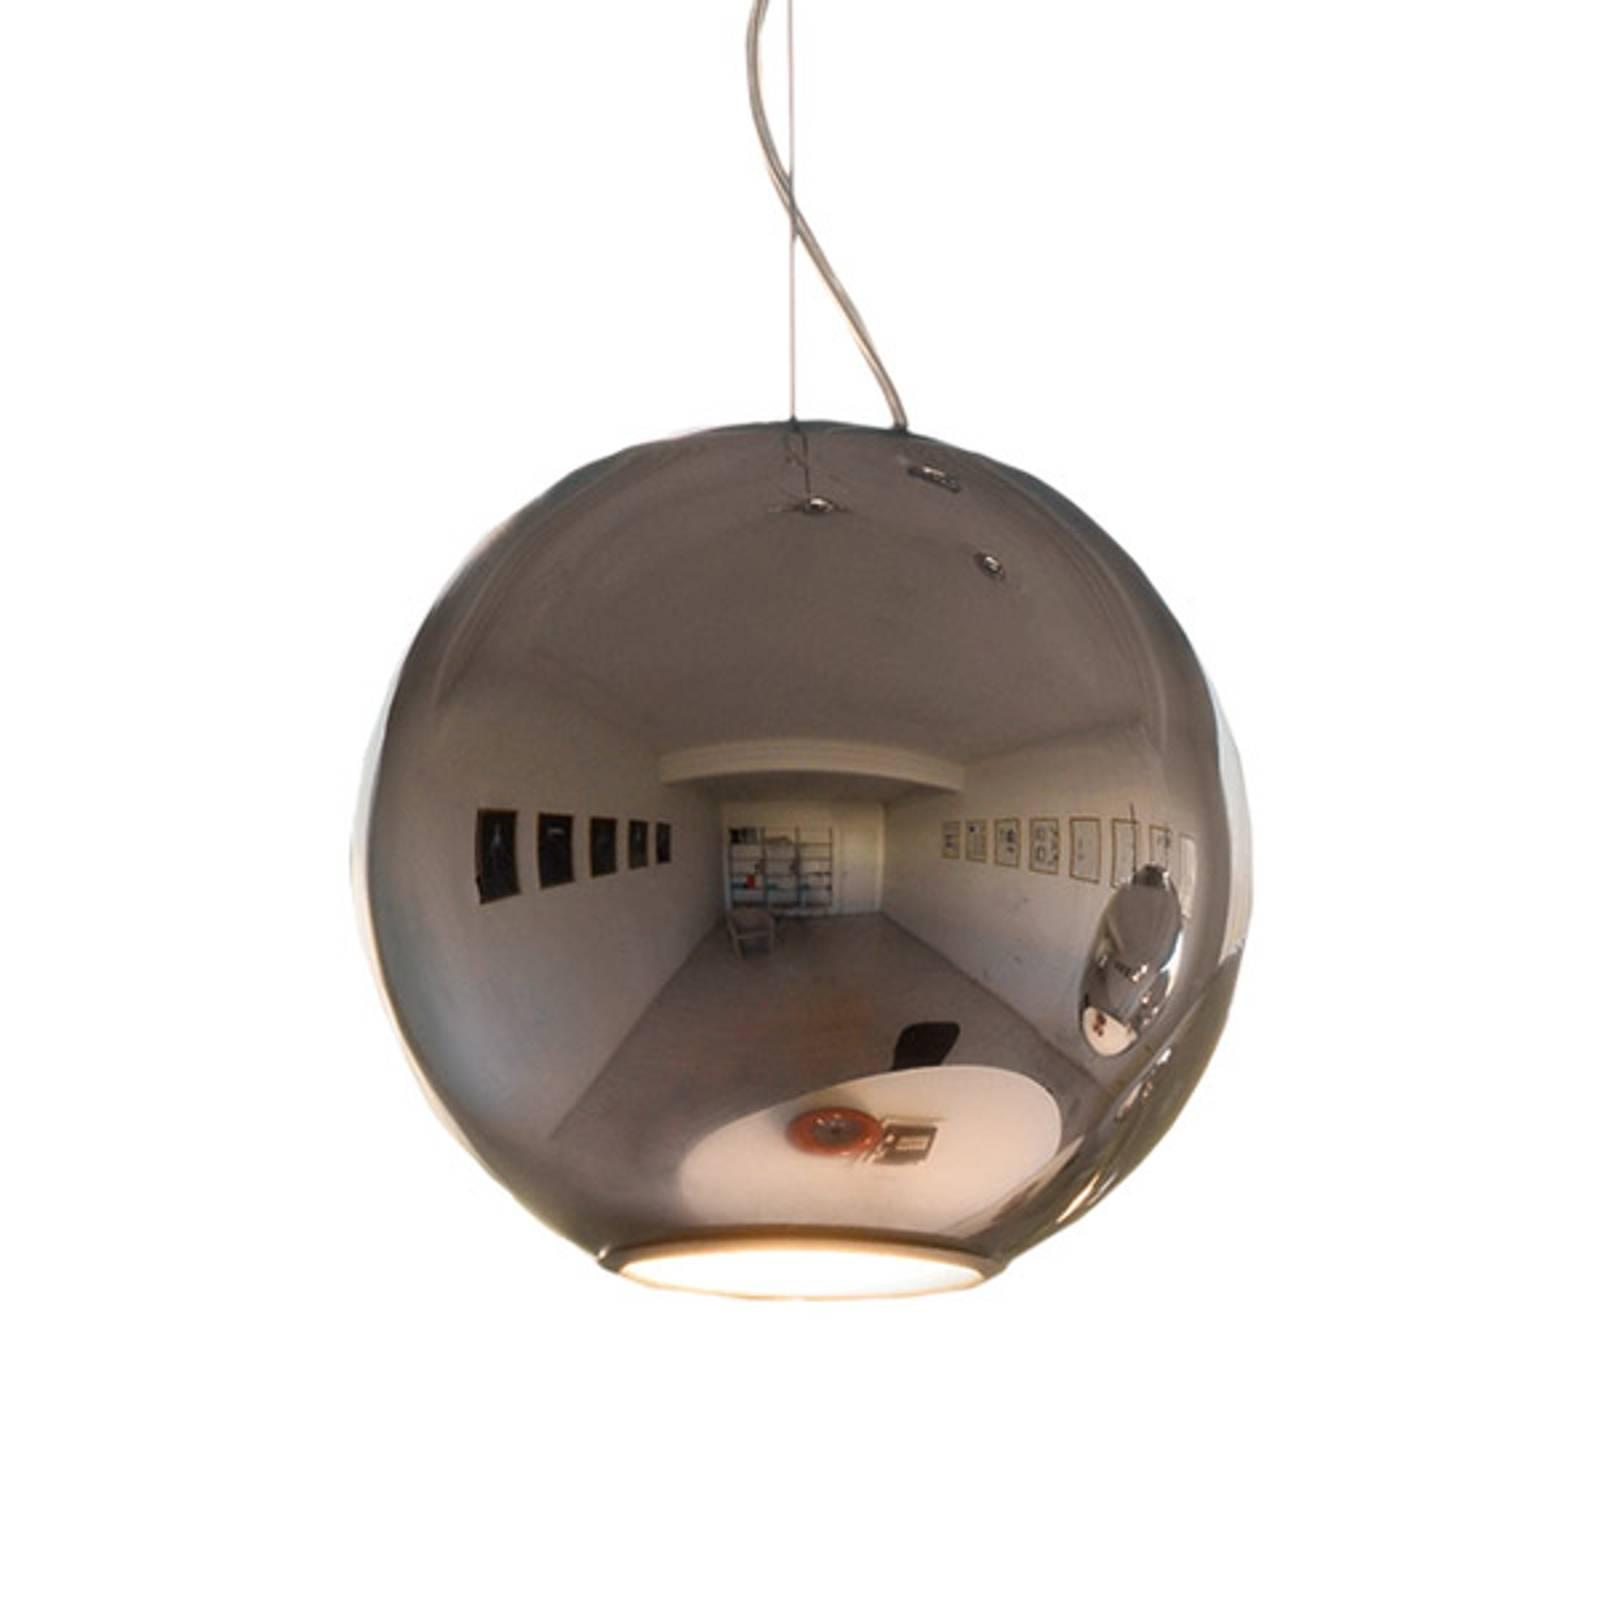 Suspension design GLOBO DI LUCE 20 cm